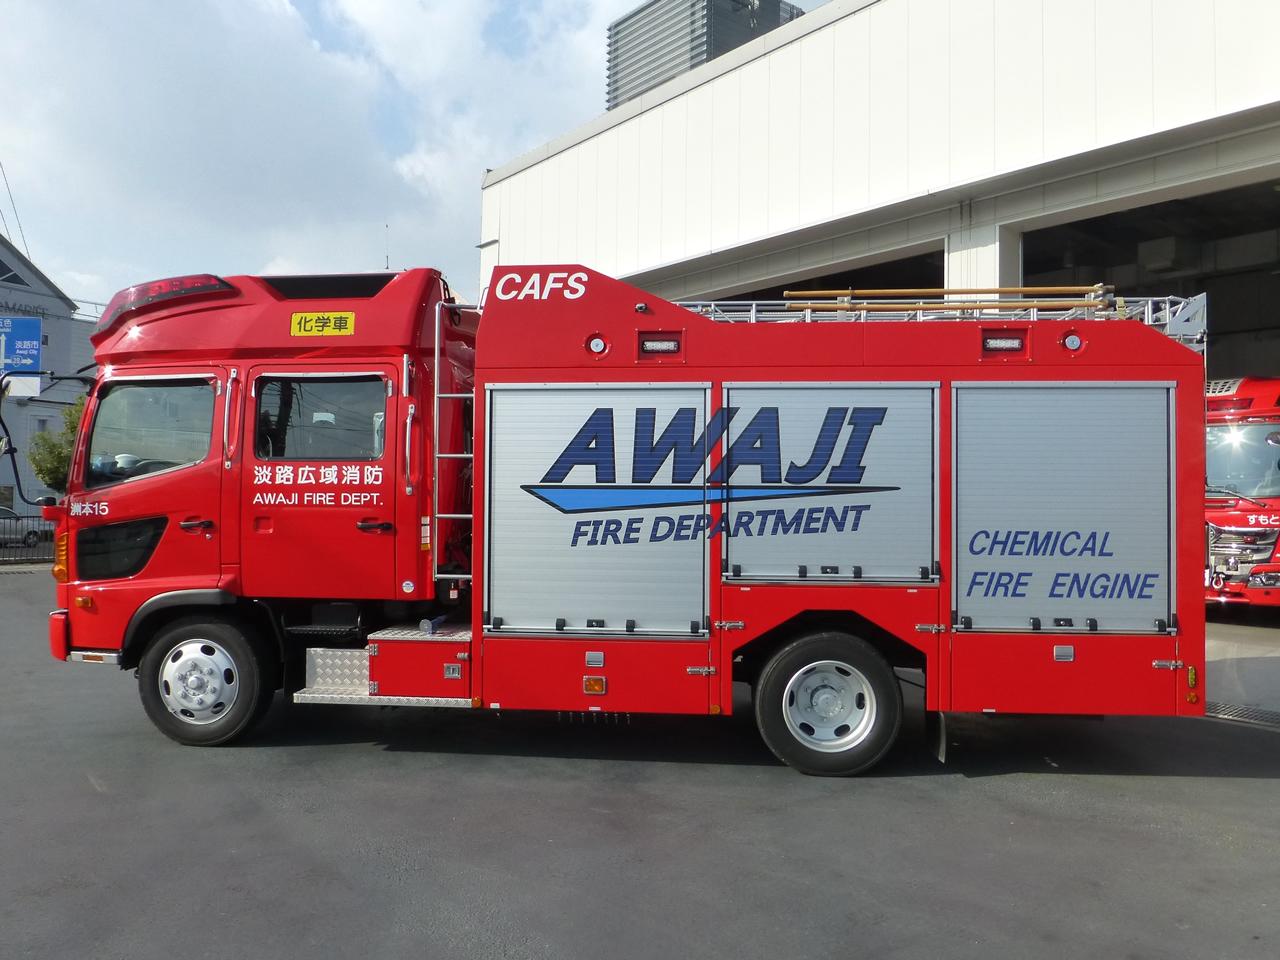 化学消防ポンプ自動車(左面)